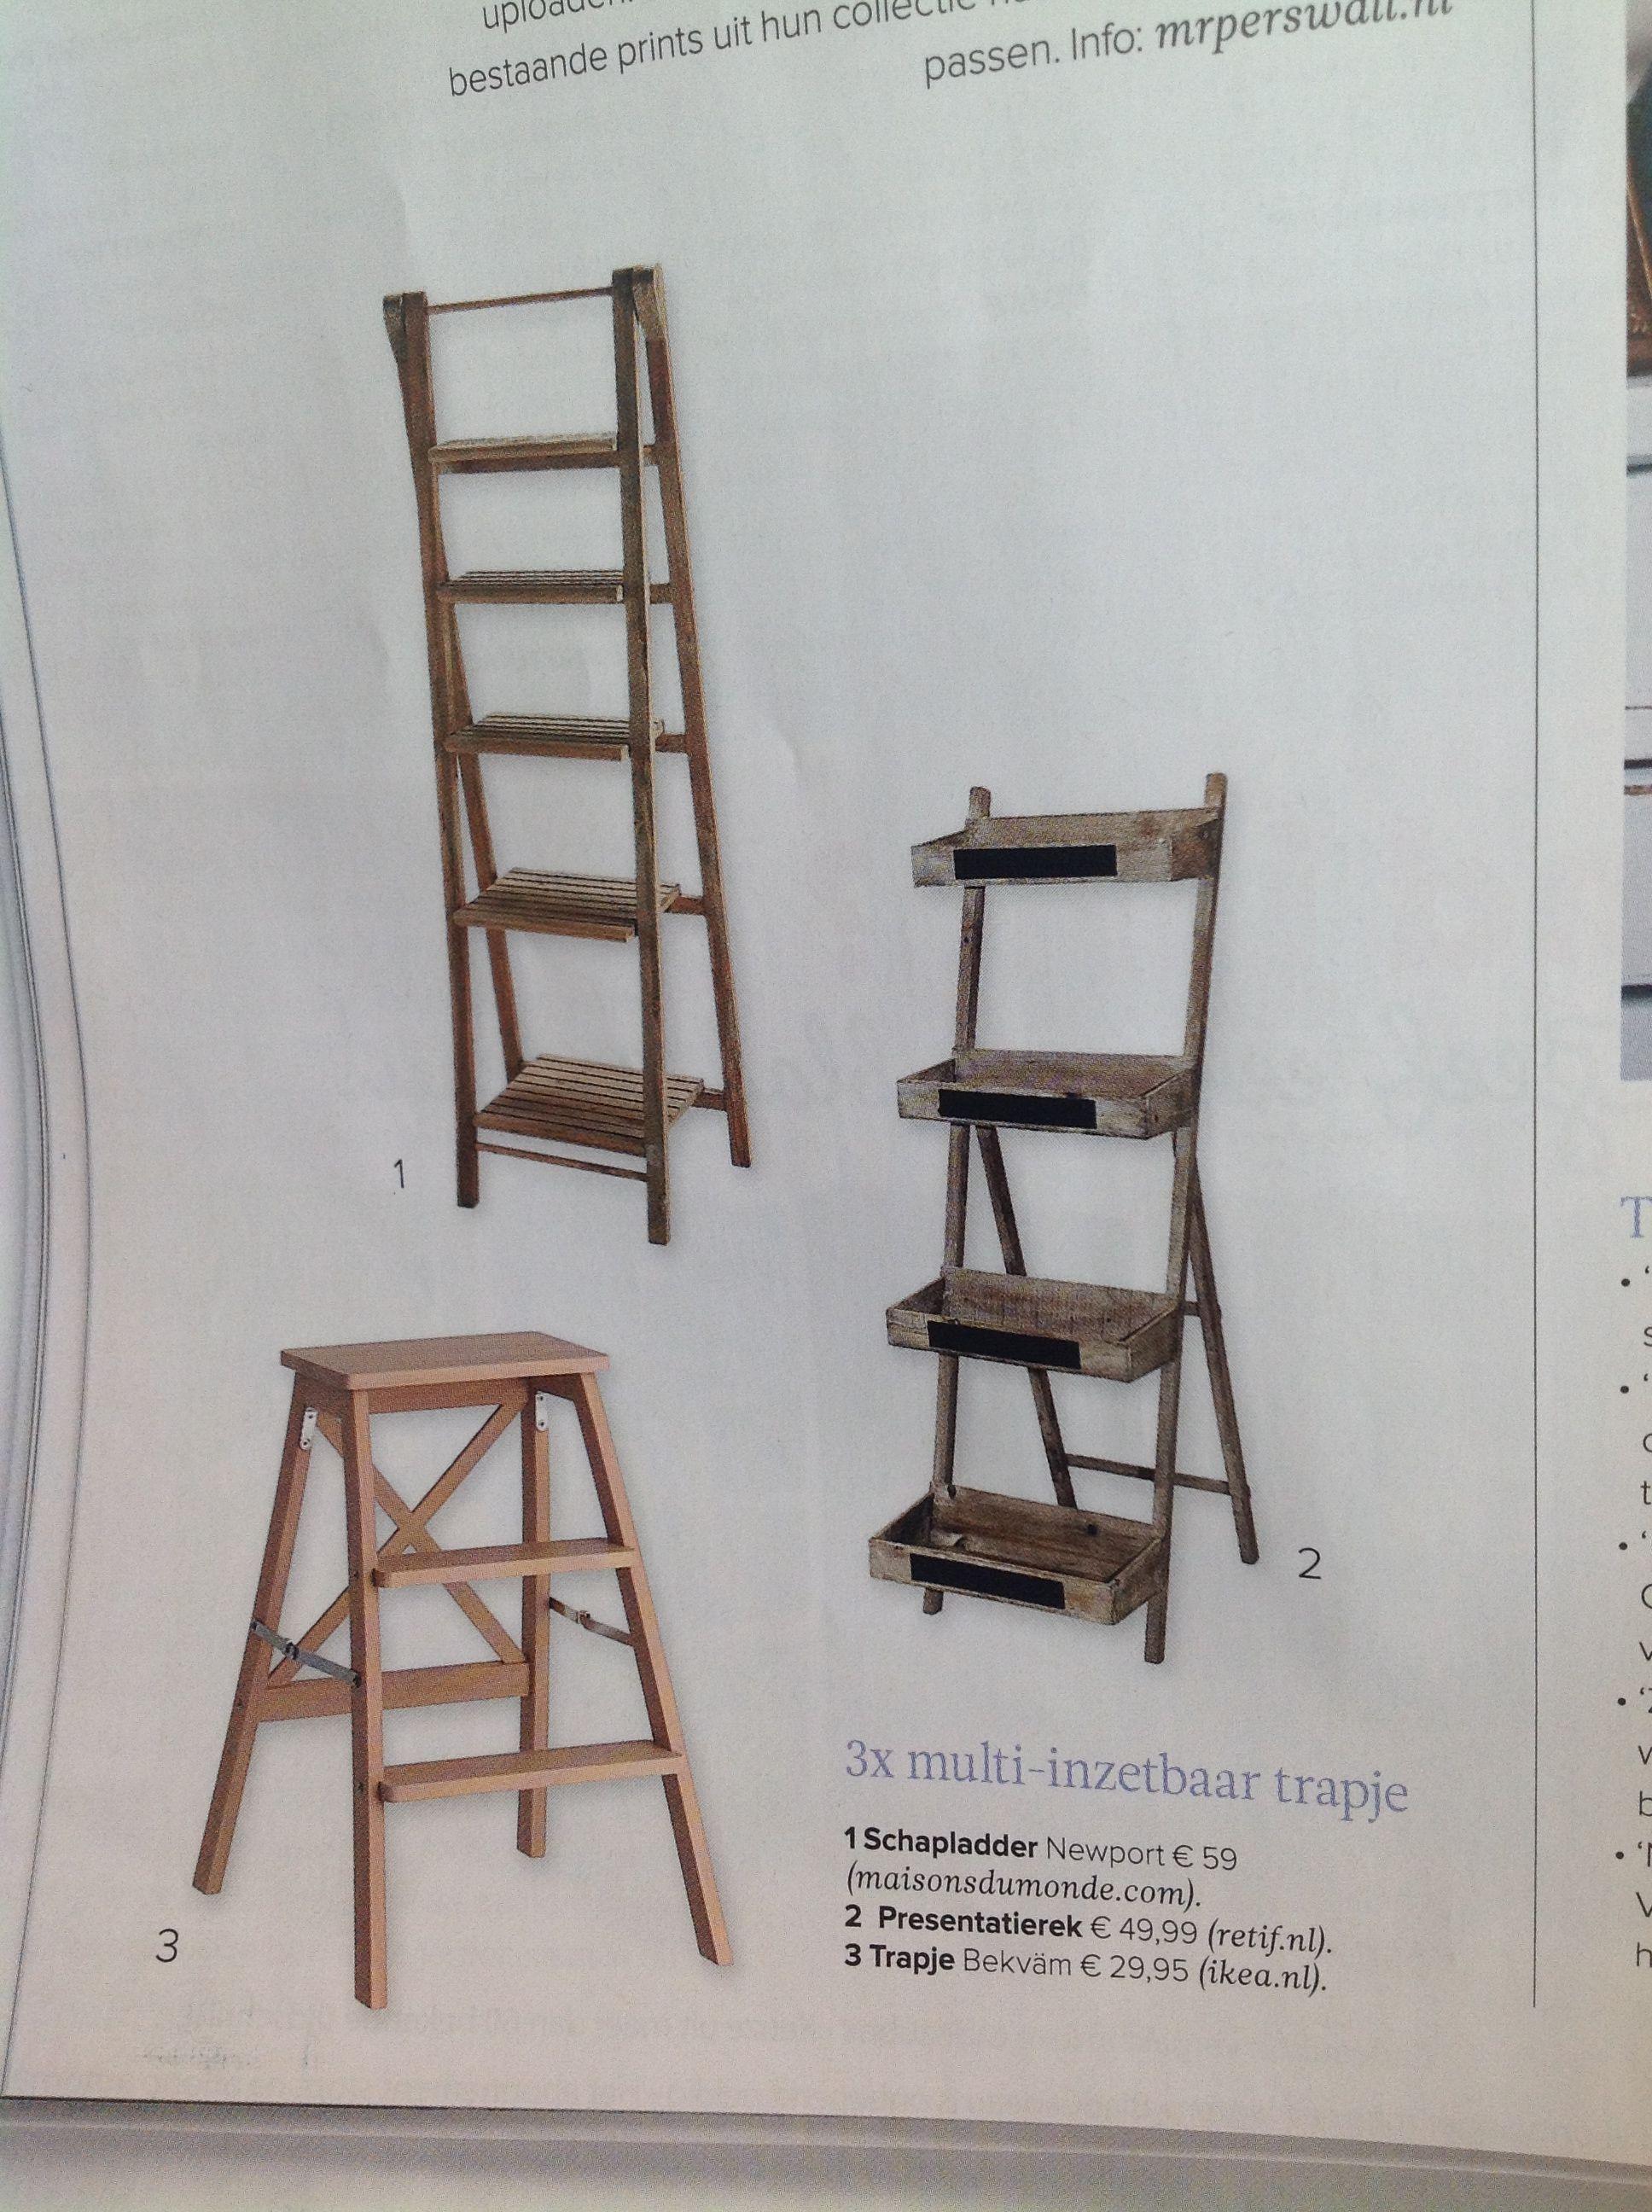 Decoratie Ladder Badkamer : Natuurlijke bamboe handdoek ladder voor decoratie badkamer